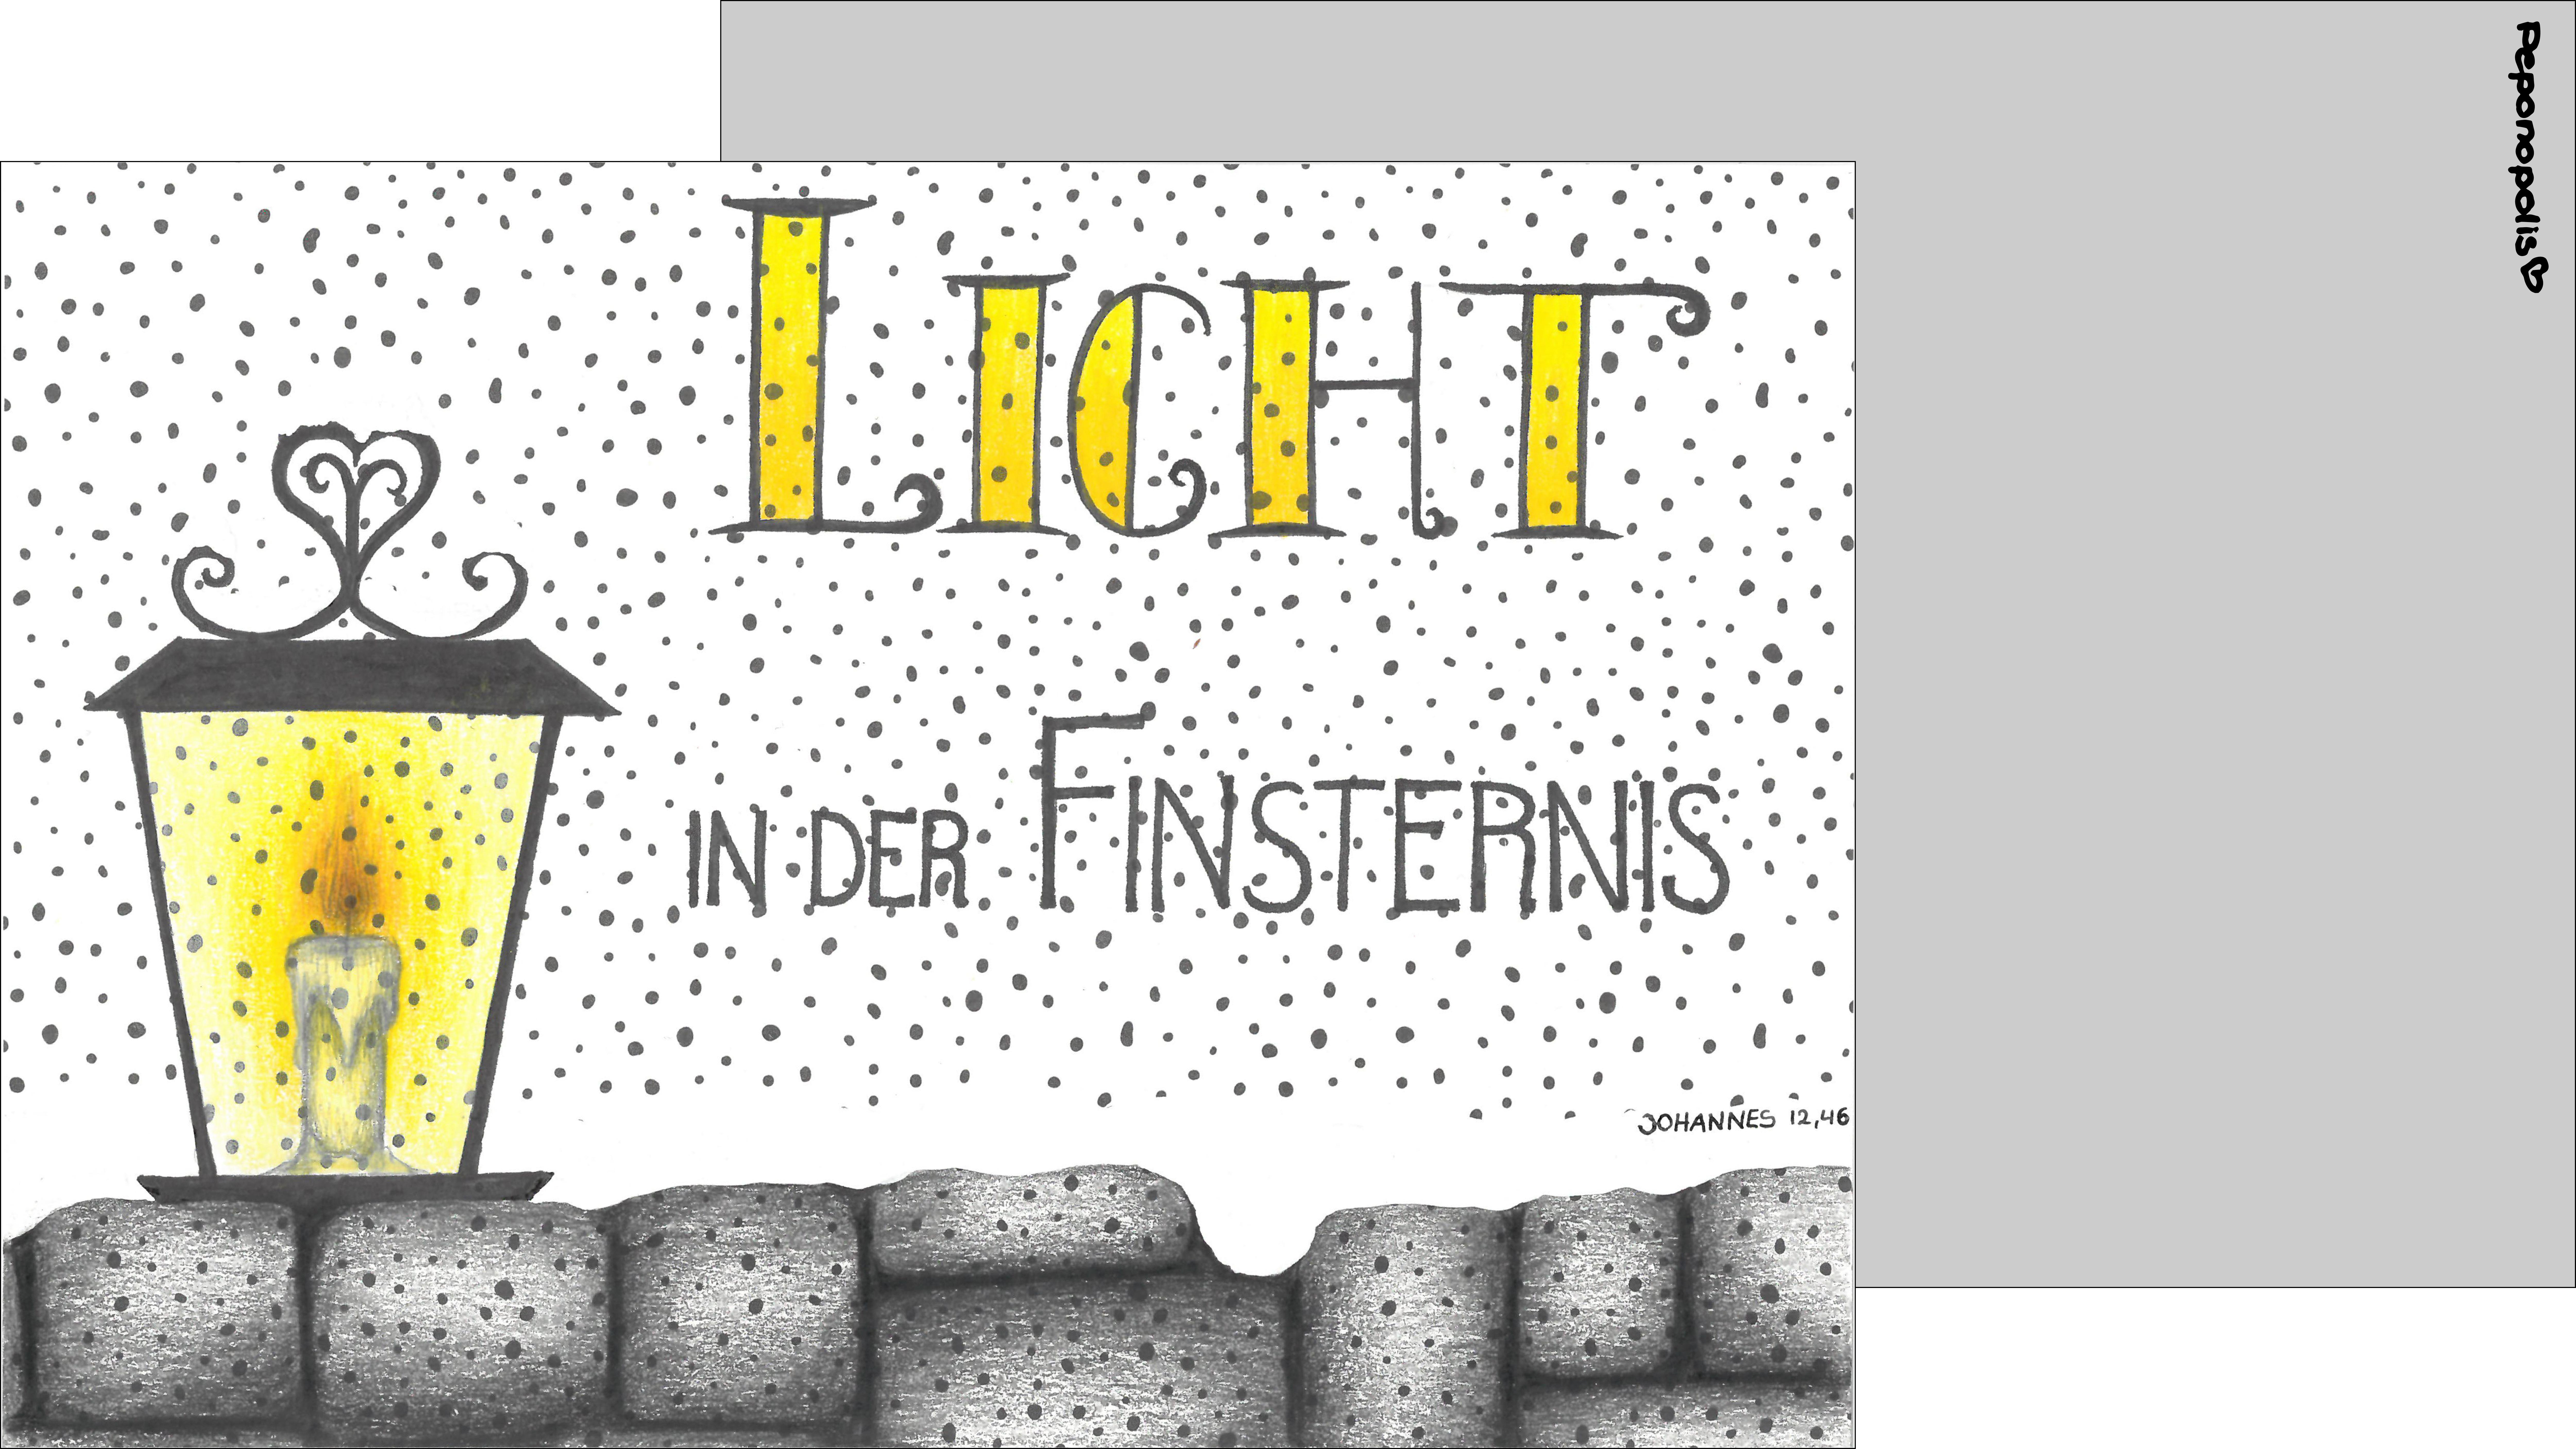 LichtinderFinsternis